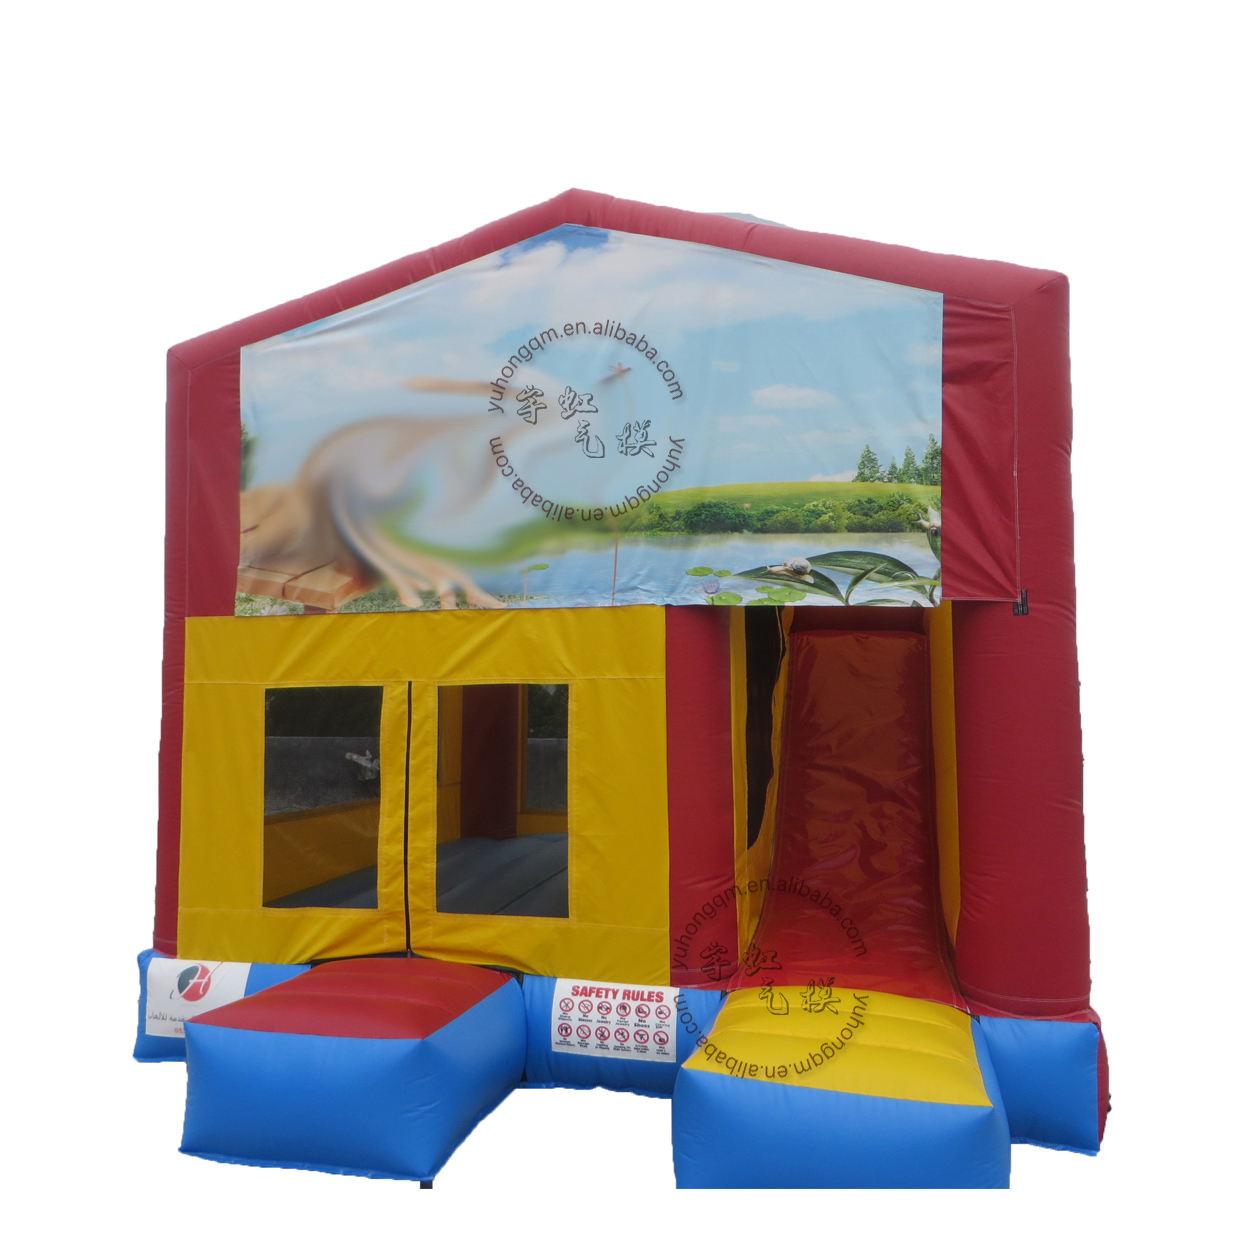 Çocuk komik <span class=keywords><strong>atlama</strong></span> arka bahçesinde şişme oyun parkı şatosu oyunları ev açık